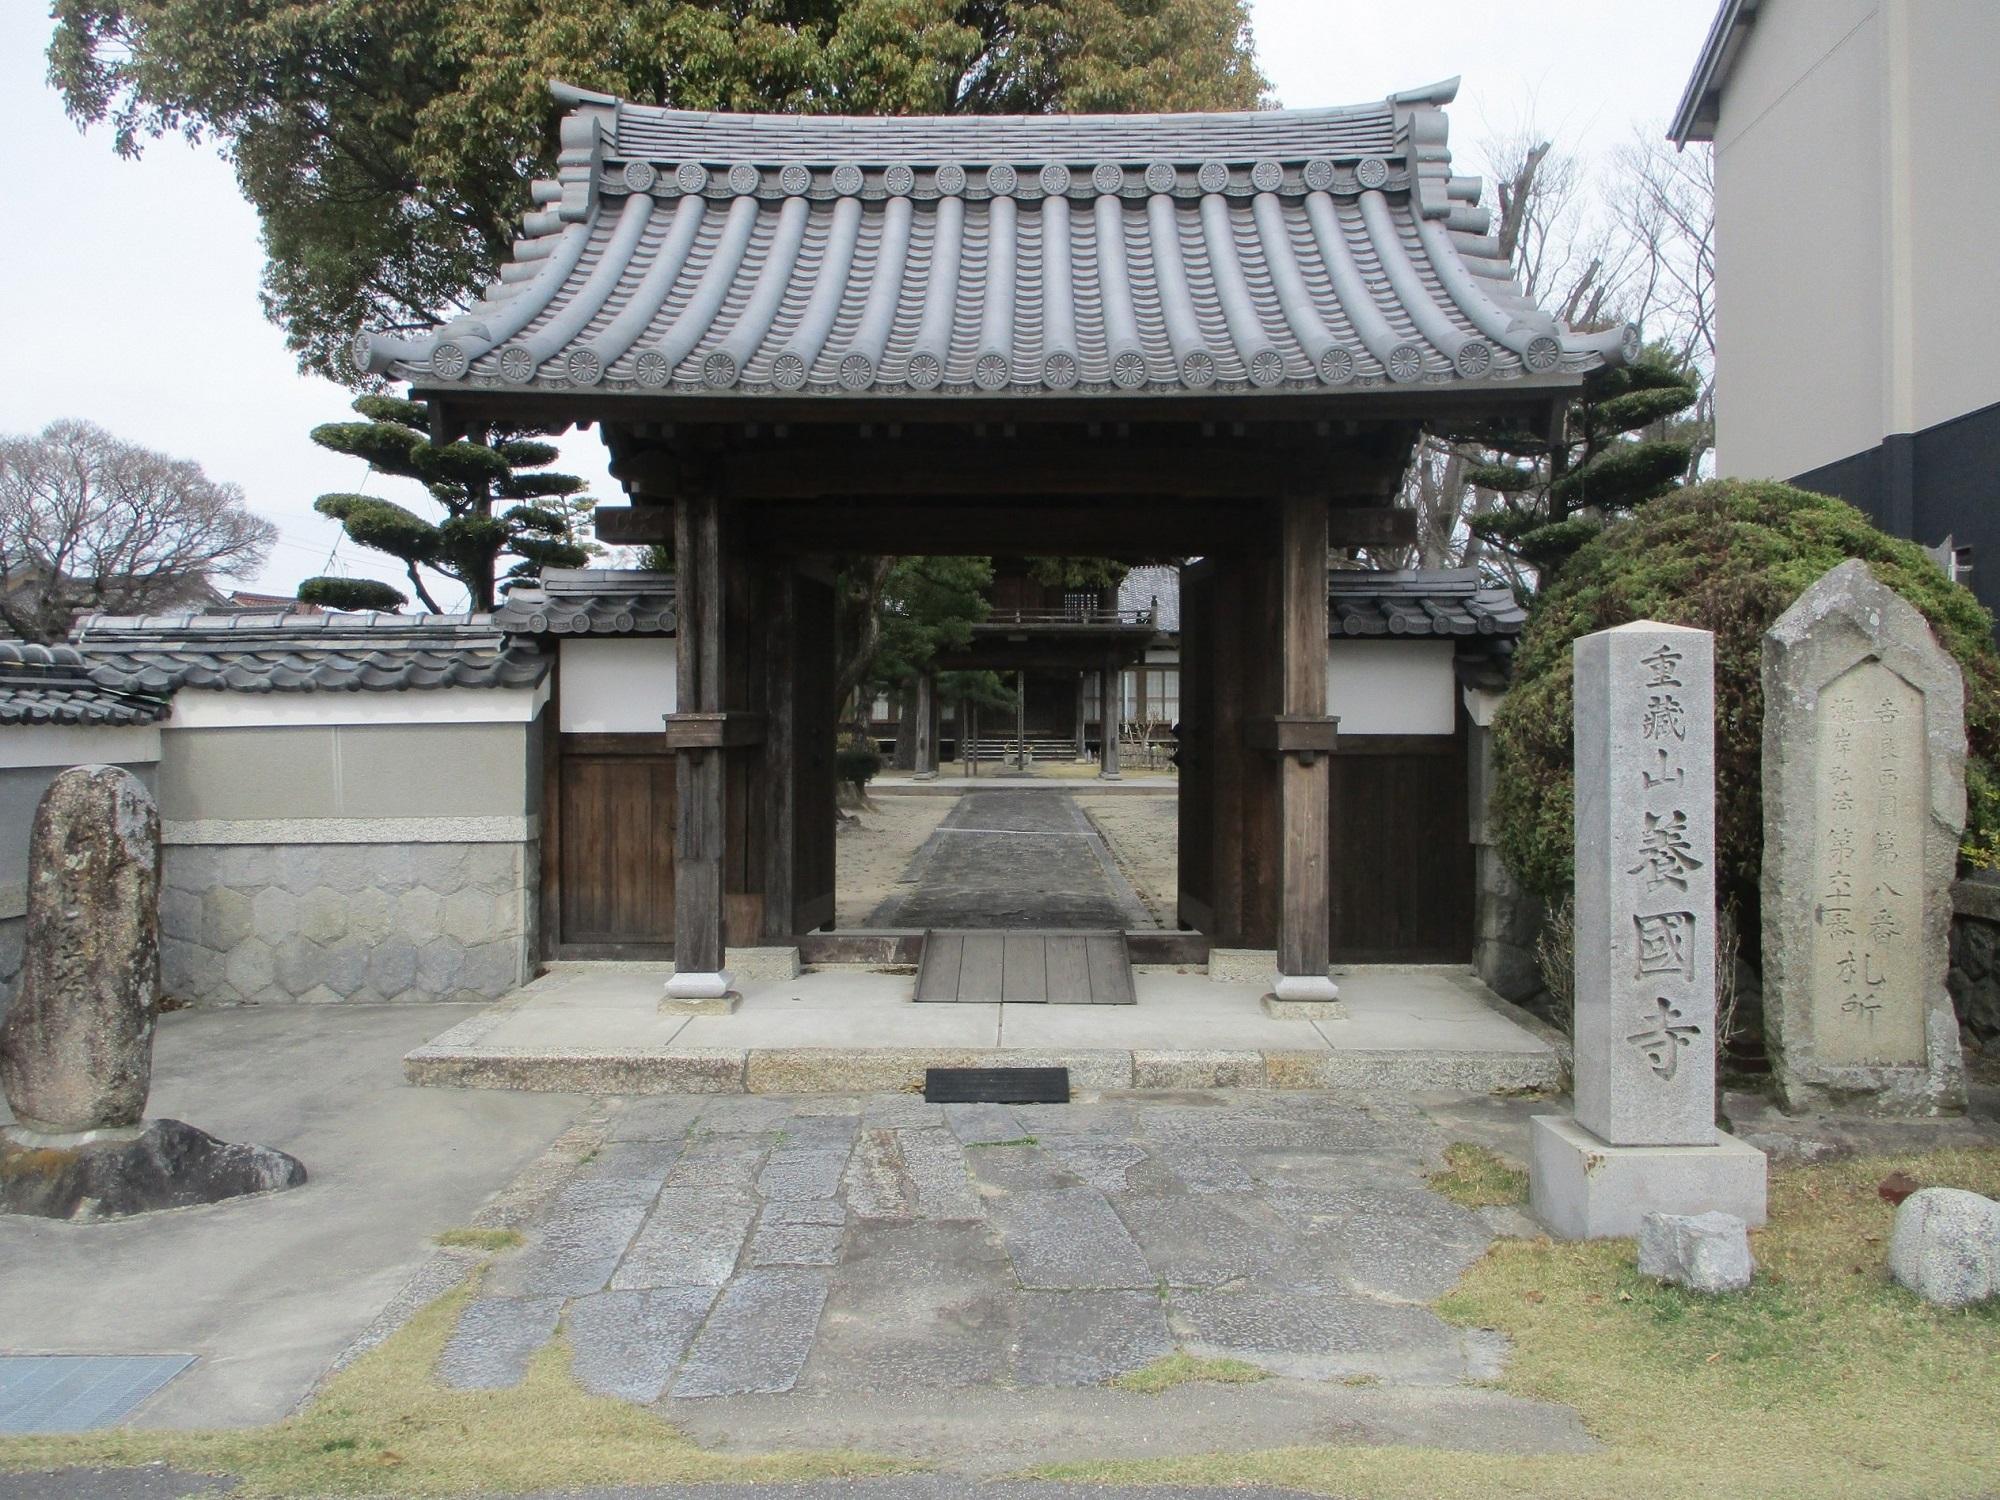 2020.3.13 (58) 養国寺 - 山門 2000-1500